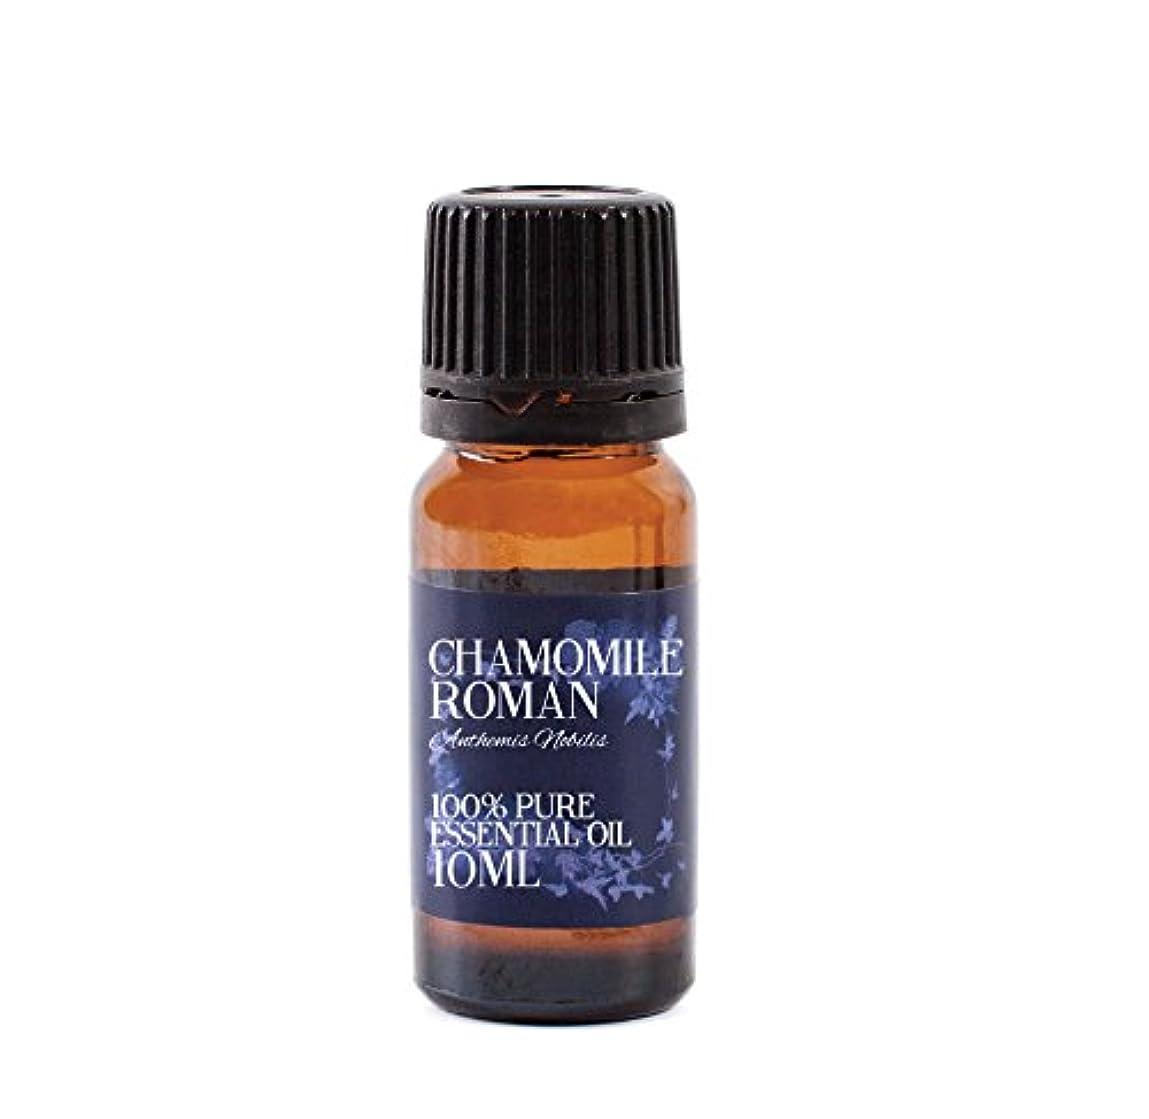 Mystic Moments | Chamomile Roman Essential Oil - 10ml - 100% Pure